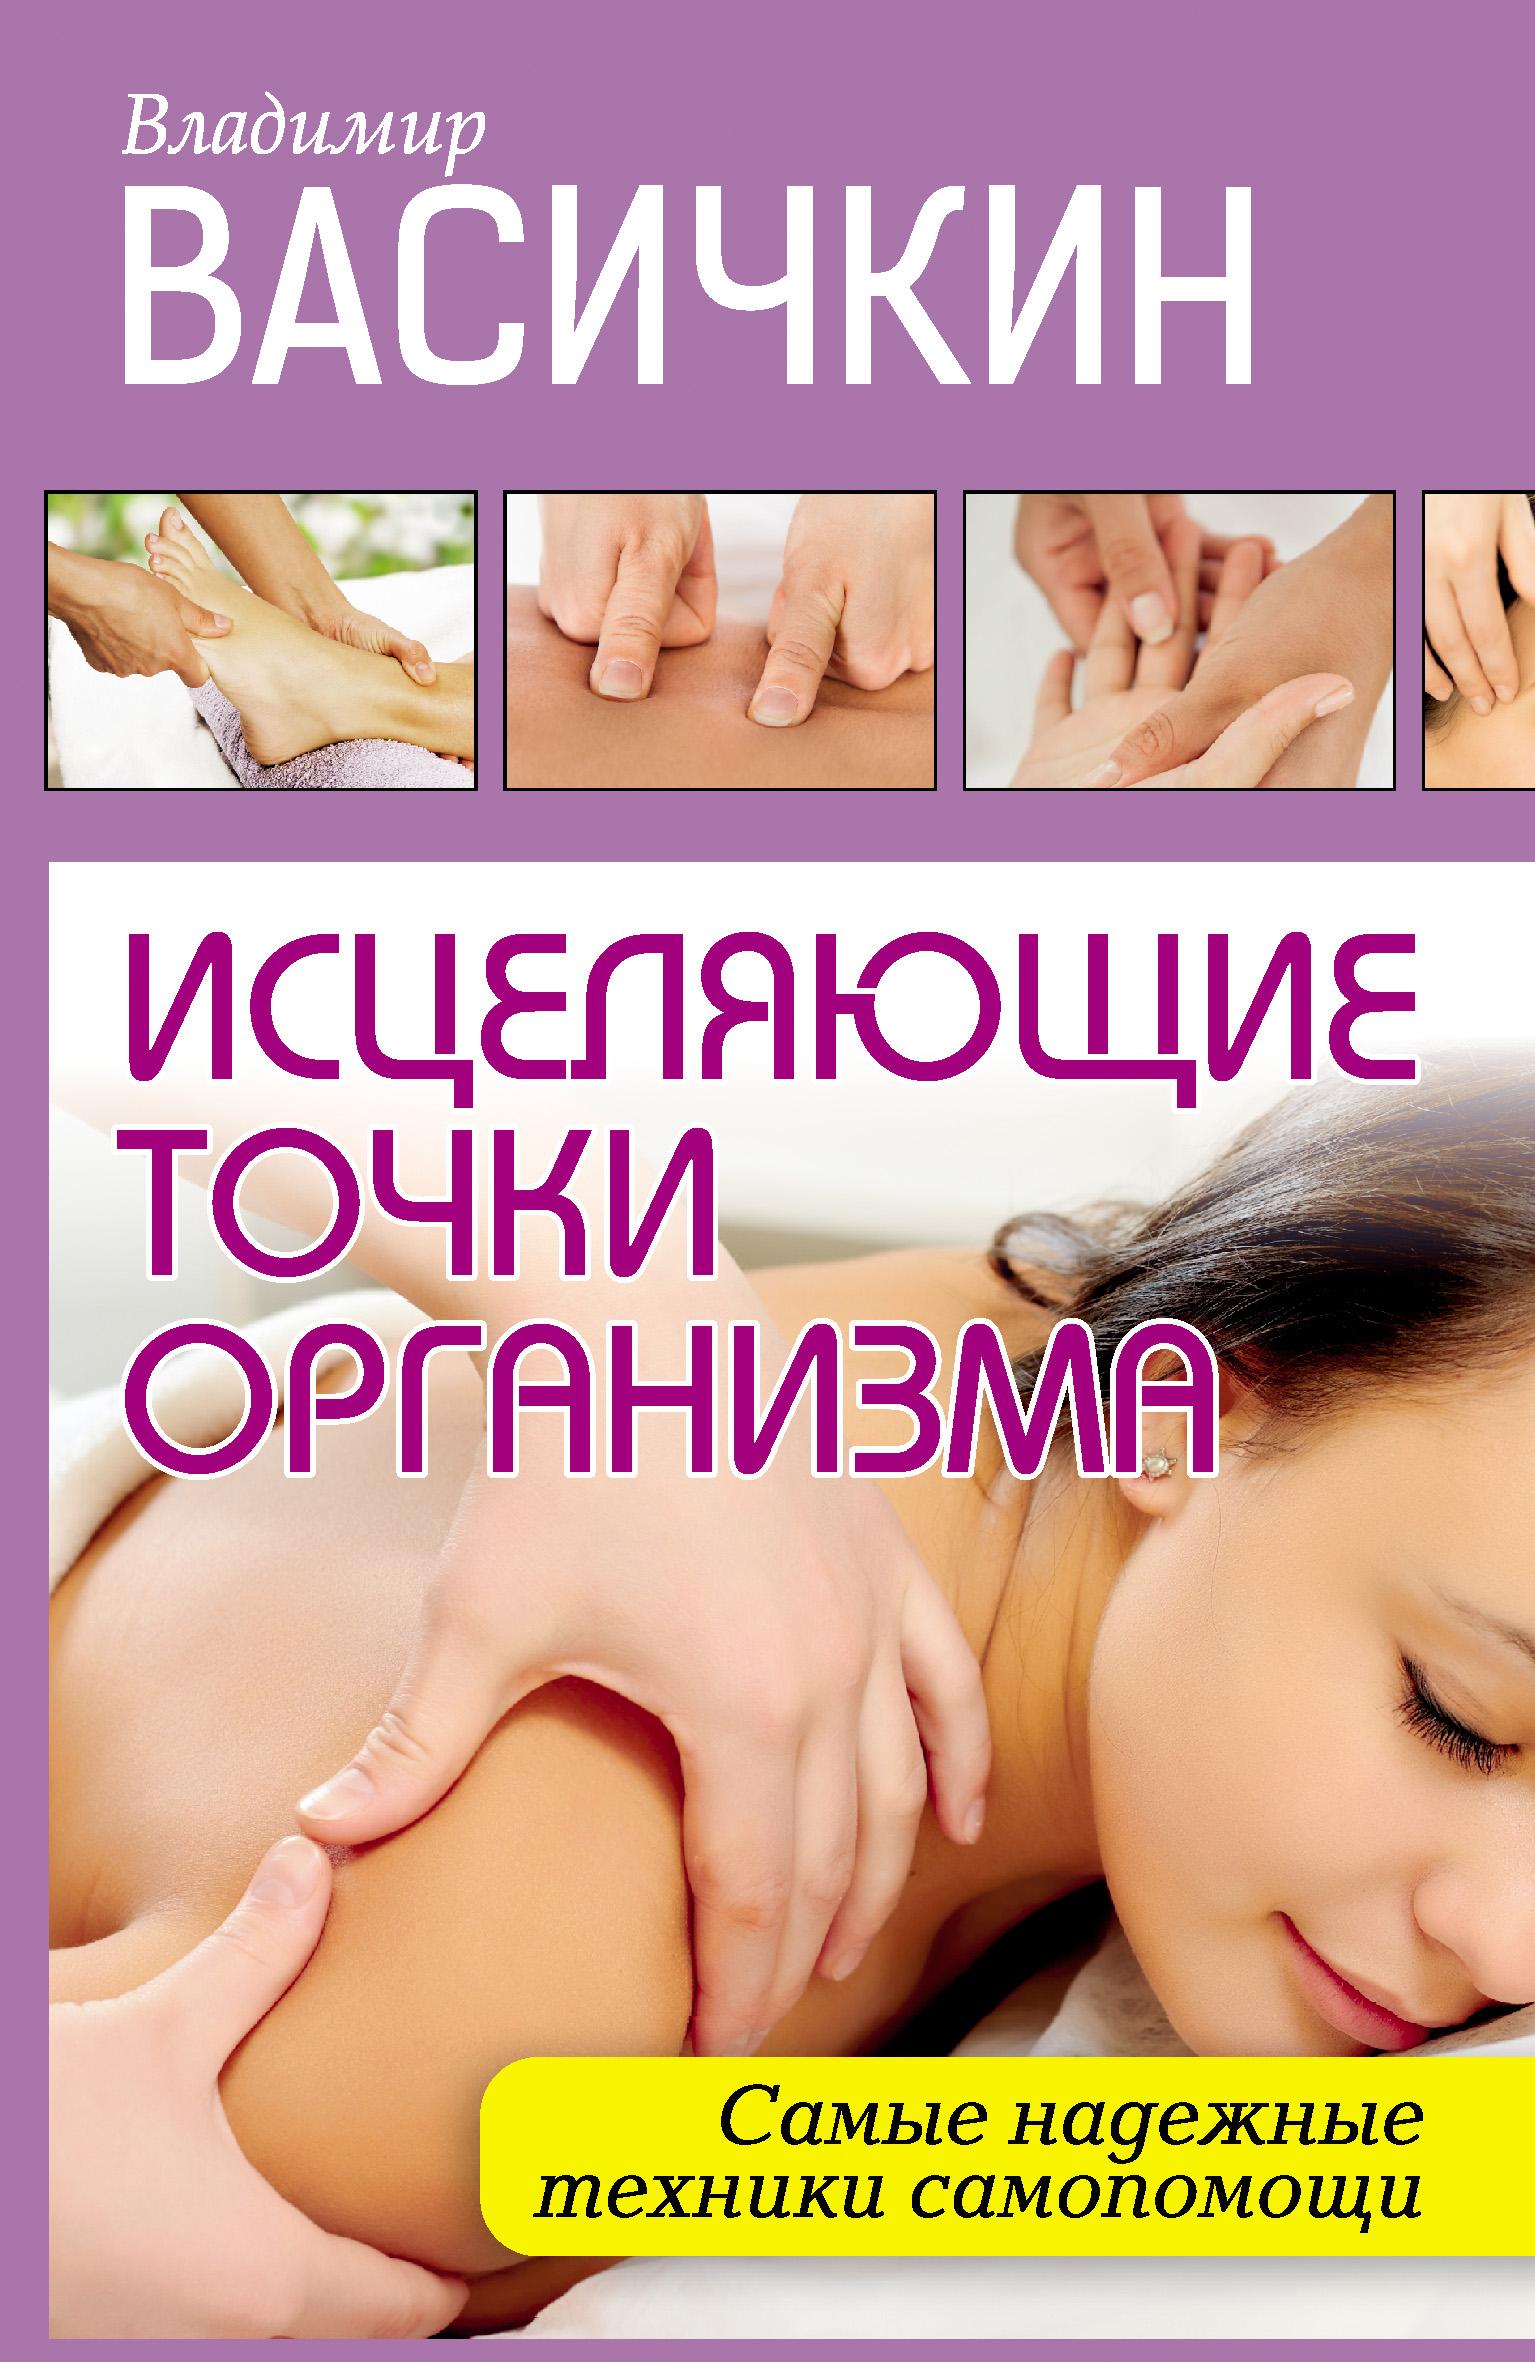 Владимир Васичкин «Исцеляющие точки организма. Самые надежные техники самопомощи»